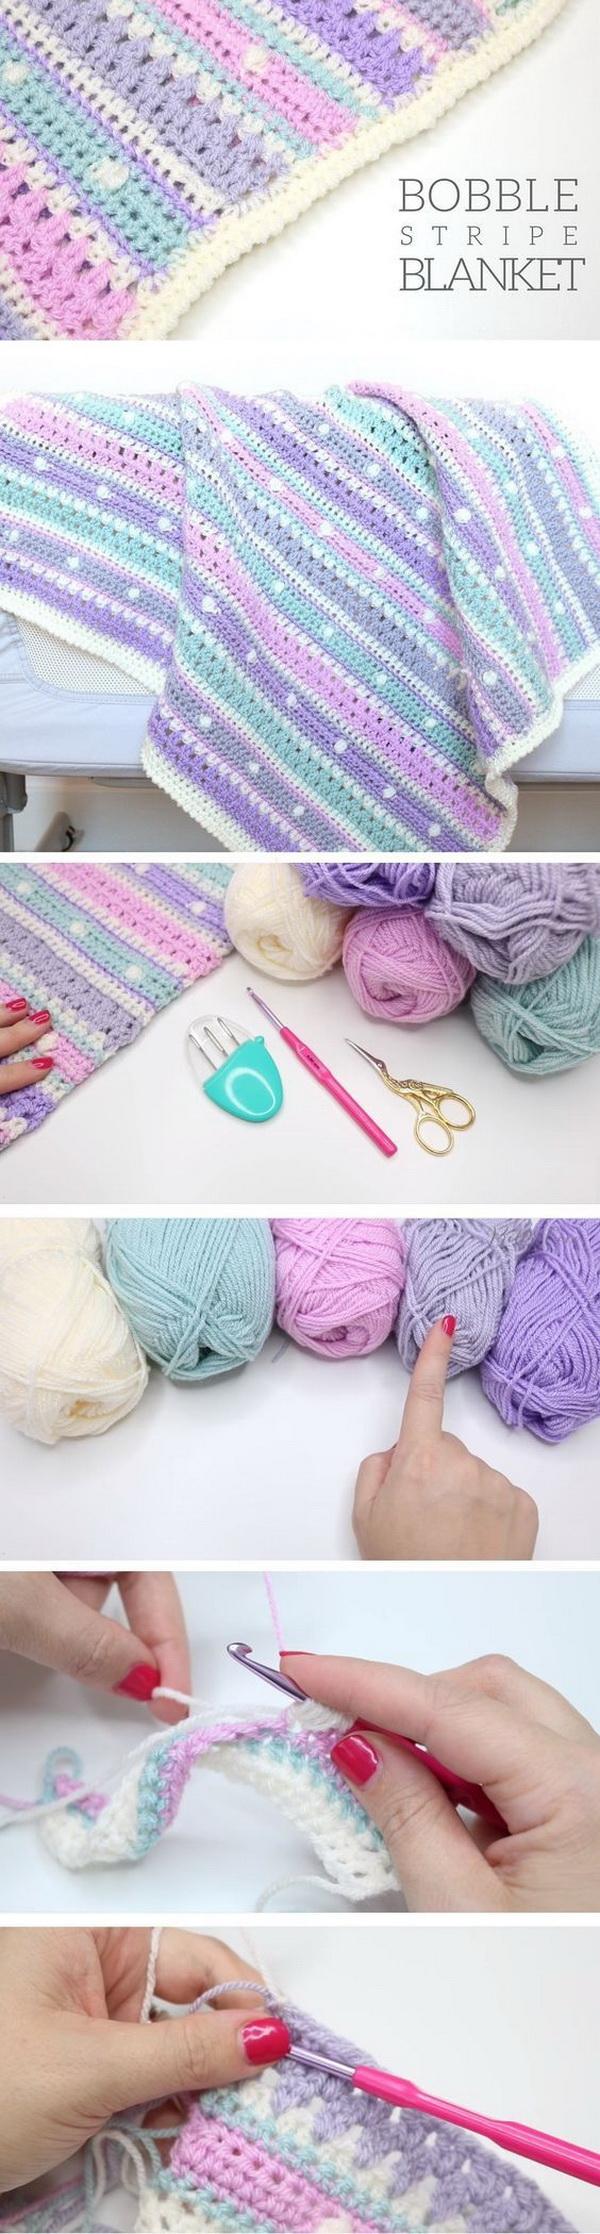 Quick And Easy Crochet Blanket Patterns For Beginners: Bobble Stripe Blanket Tutorial..